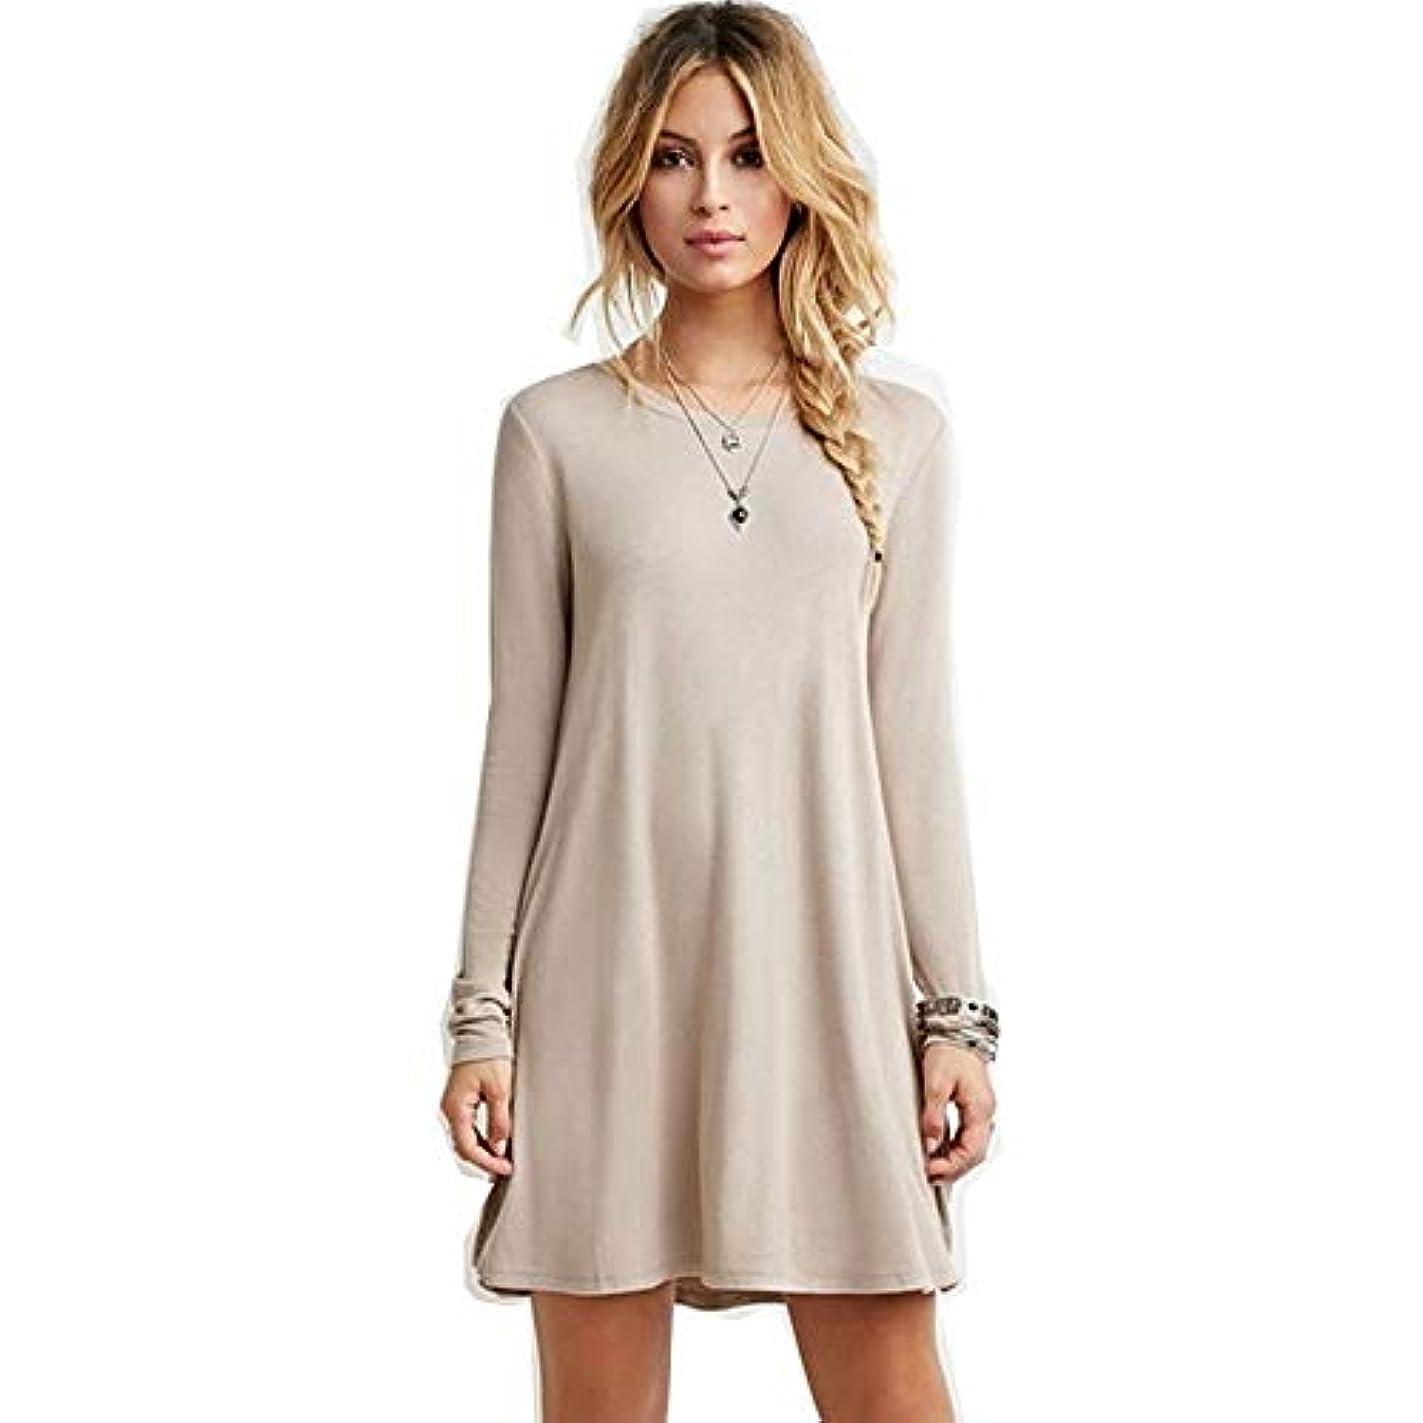 周術期波コメンテーターMIFANルースドレス、プラスサイズのドレス、長袖のドレス、女性のドレス、秋のドレス、マキシドレス、コットンドレス